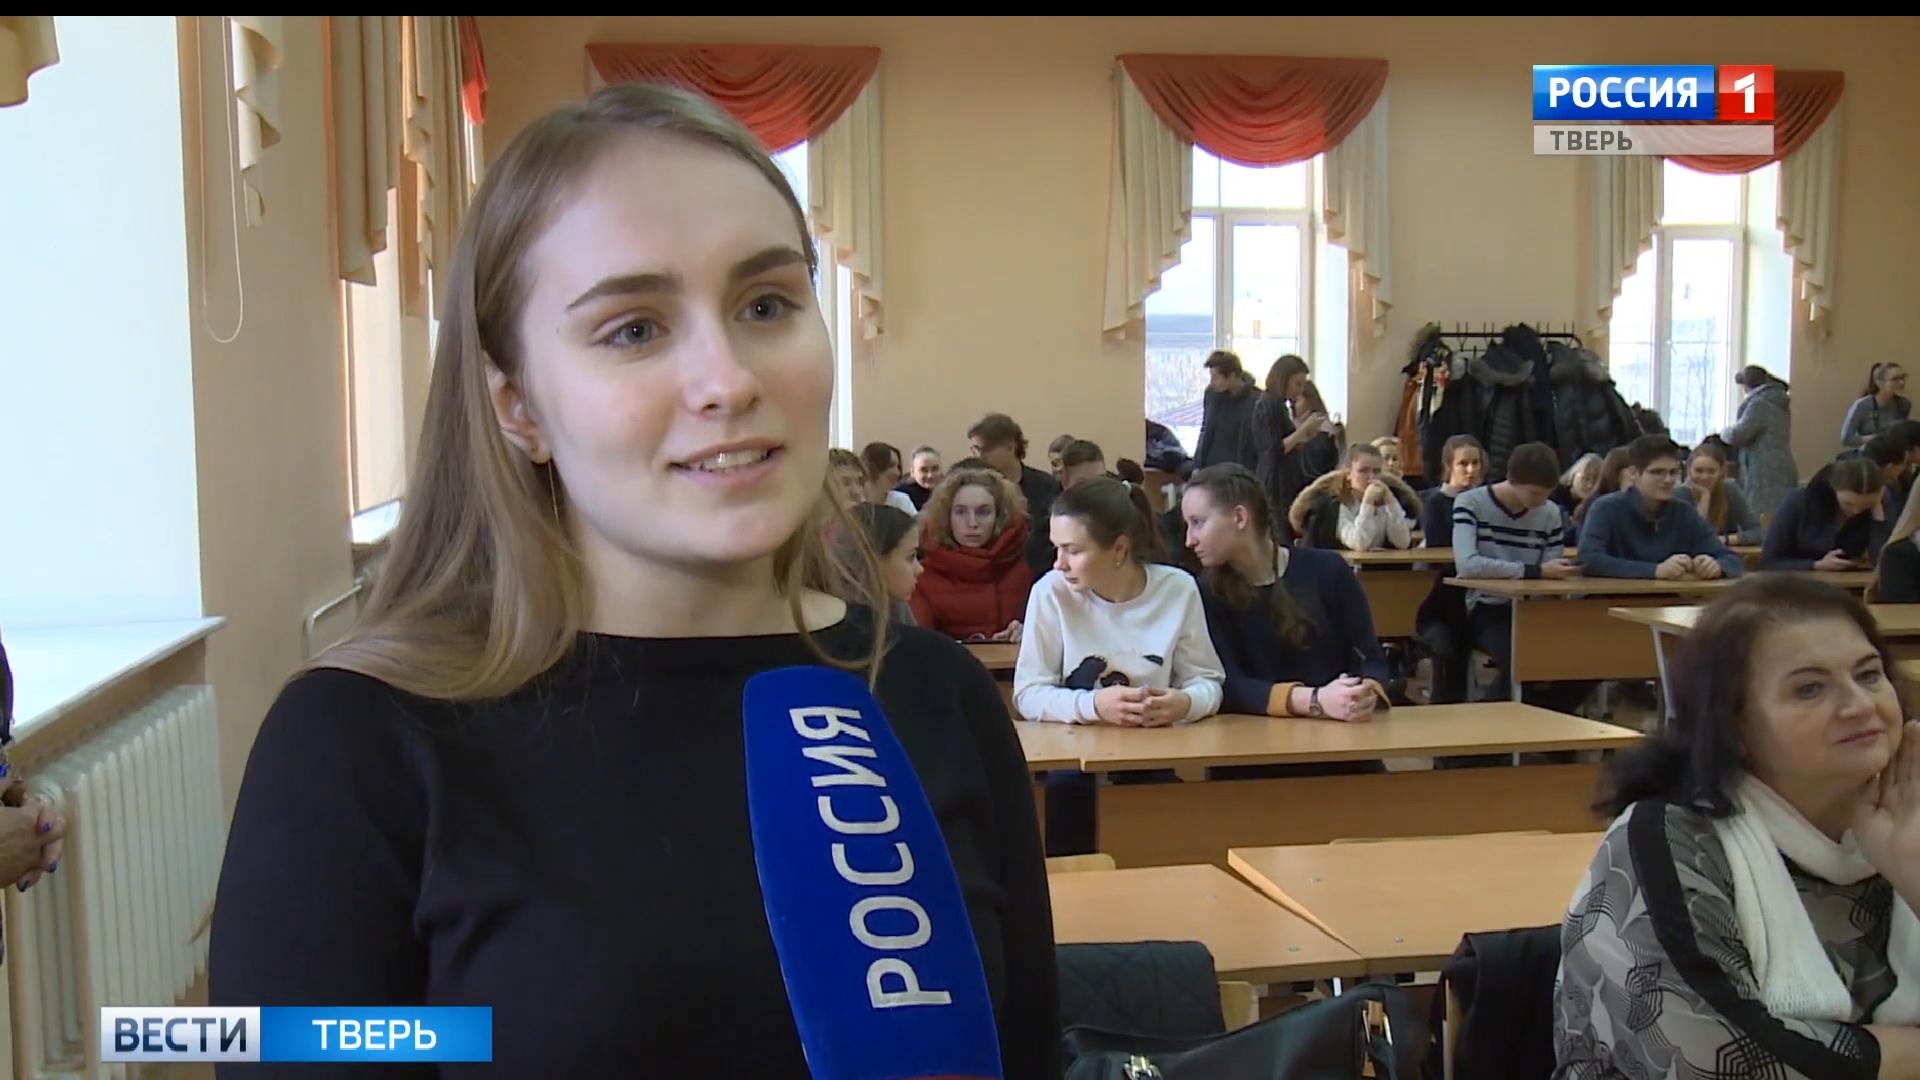 София Бульчак - лучший знаток тонкостей русского языка среди школьников Кимрского района